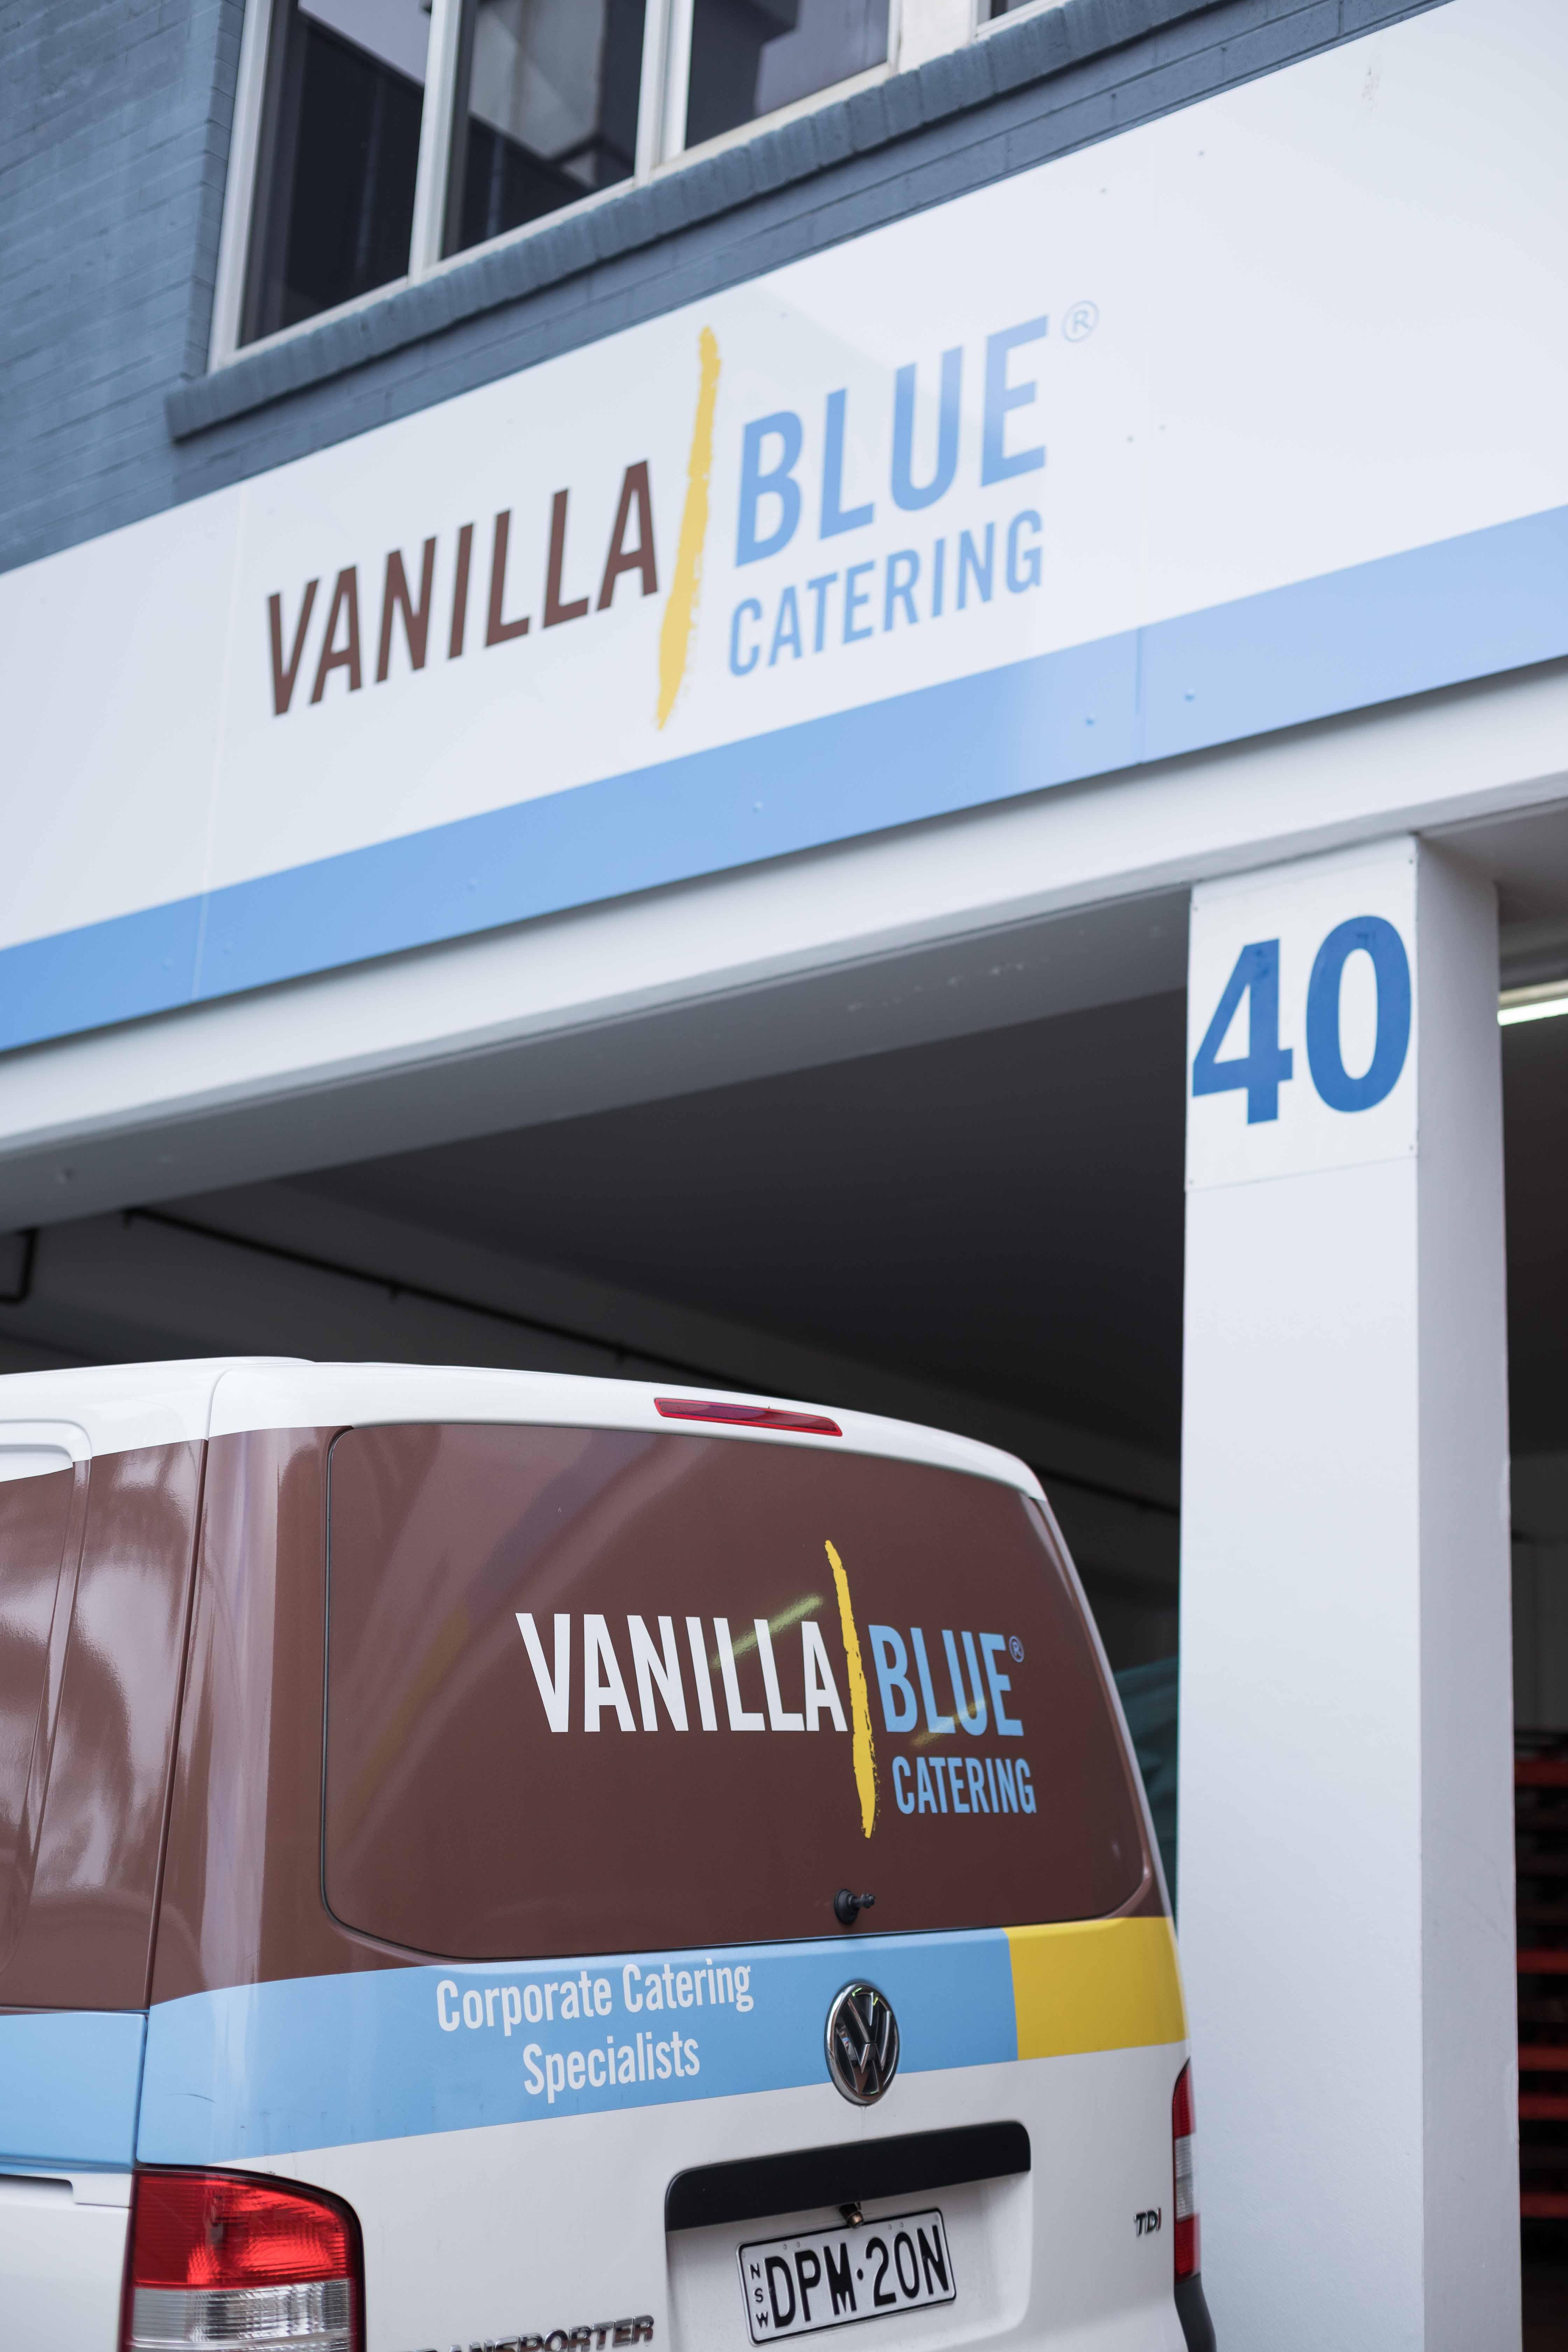 Vanilla Blue Catering